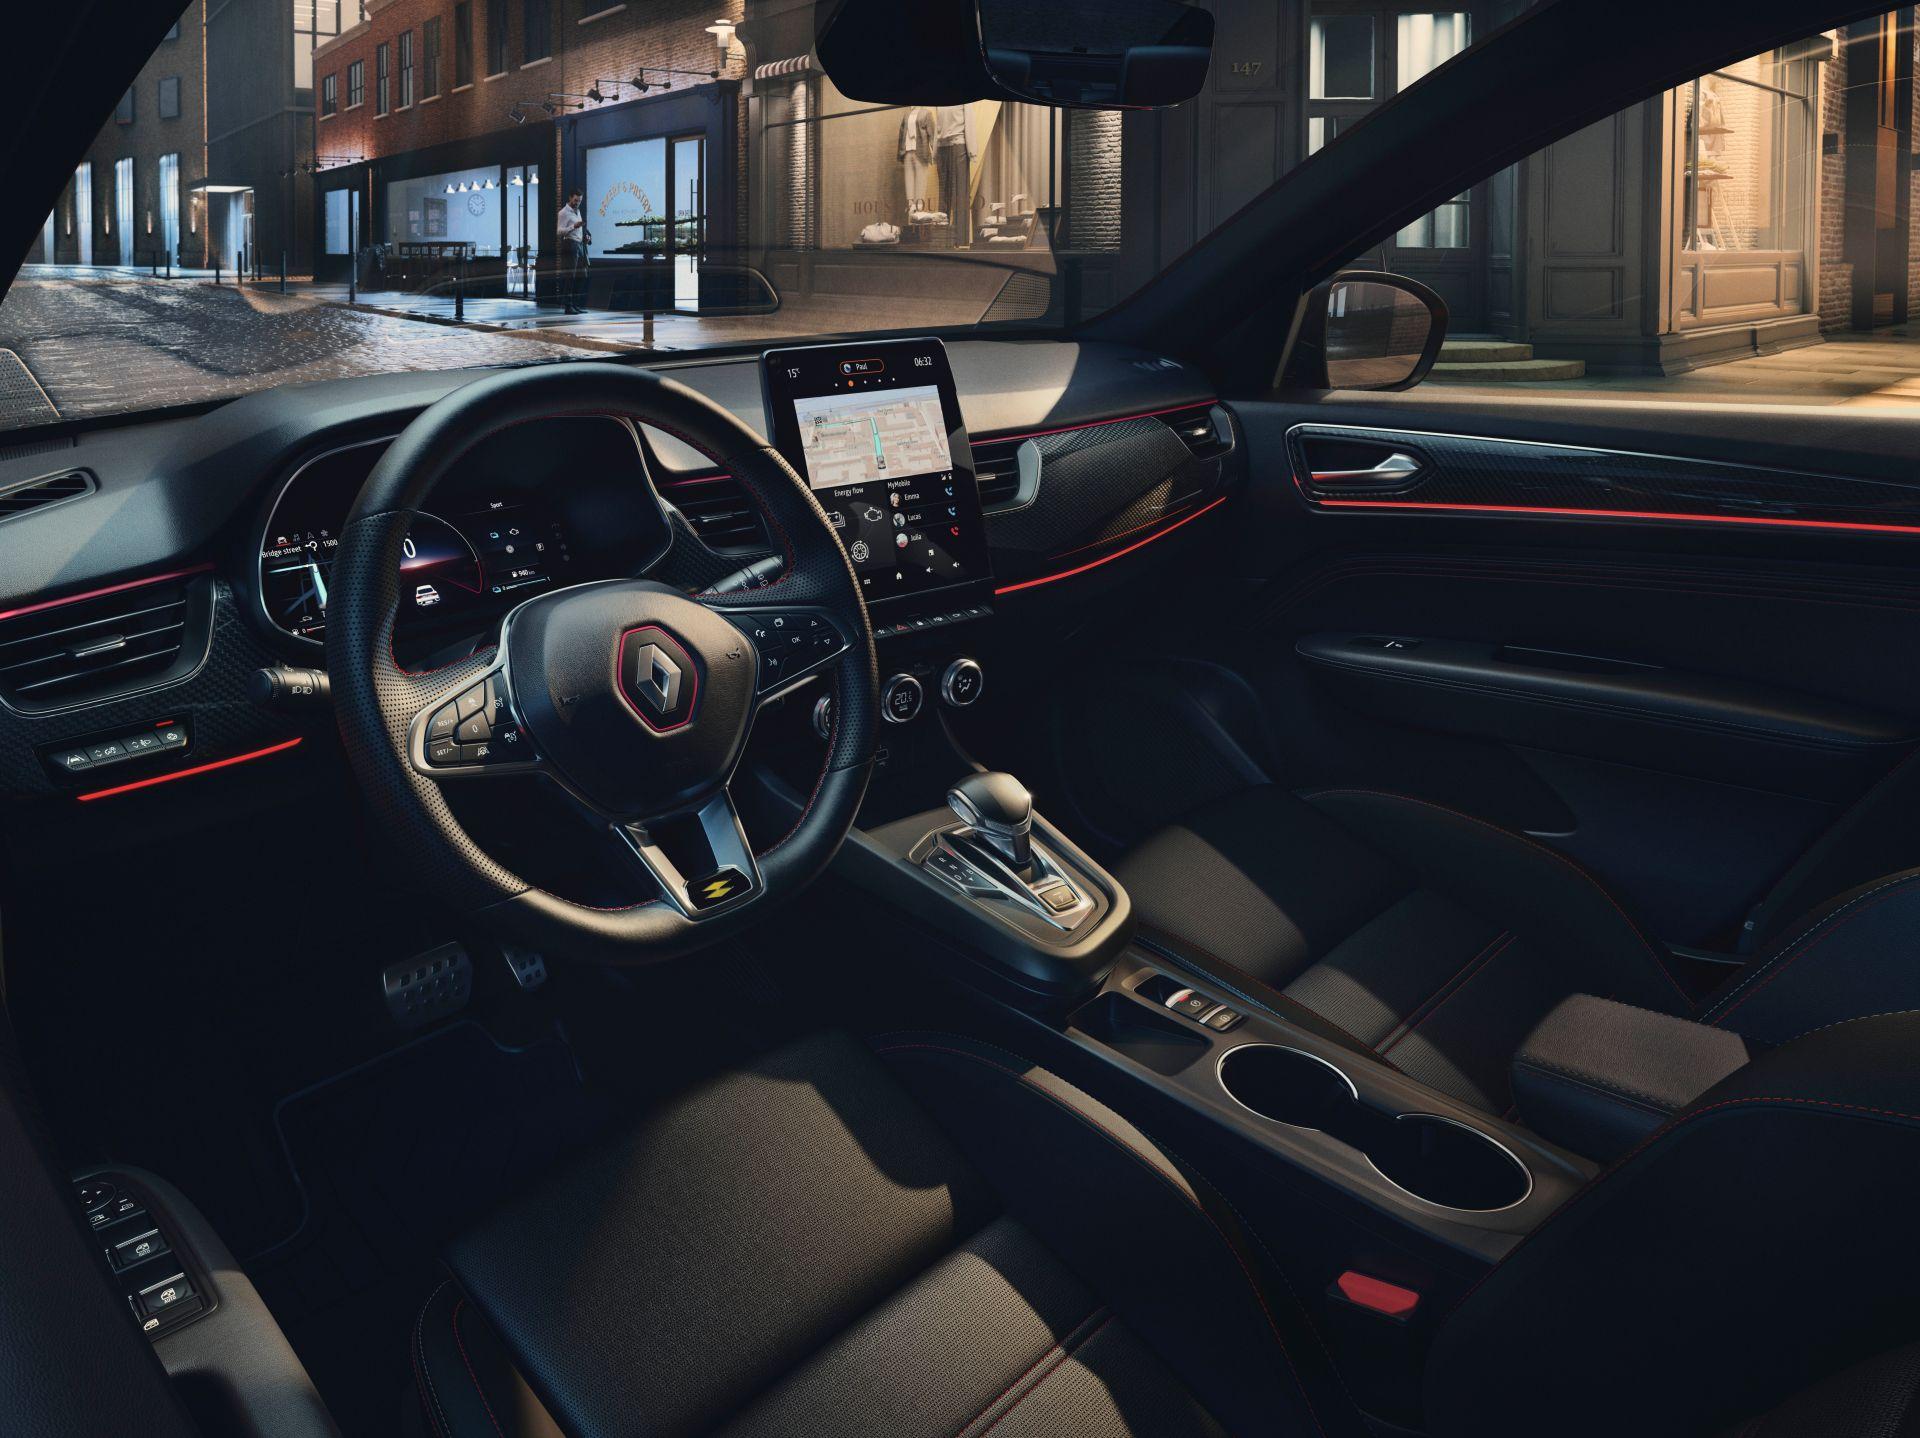 Renault Arkana sonunda Avrupa'ya geliyor: İşte tasarımı ve özellikleri